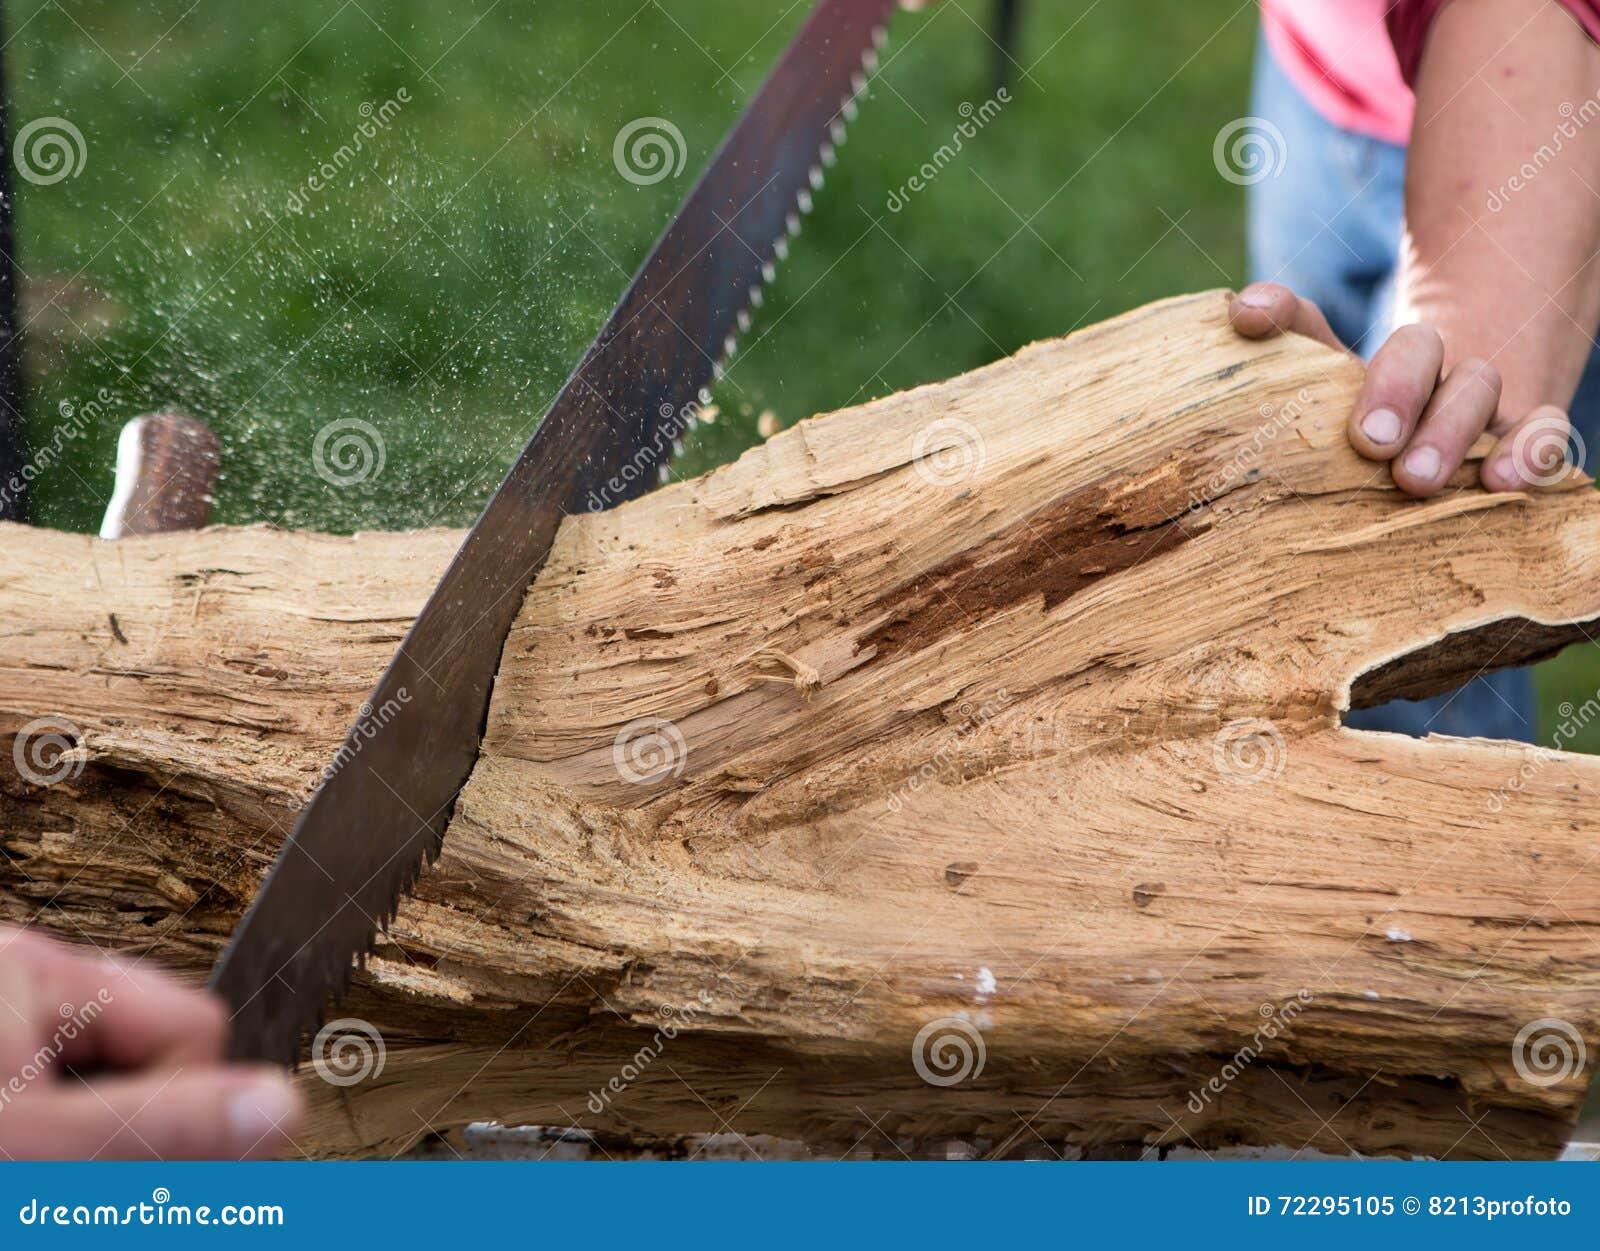 Download Деревья вырезывания для швырка, вырезывания ручной пилы Стоковое Изображение - изображение насчитывающей рука, joinery: 72295105